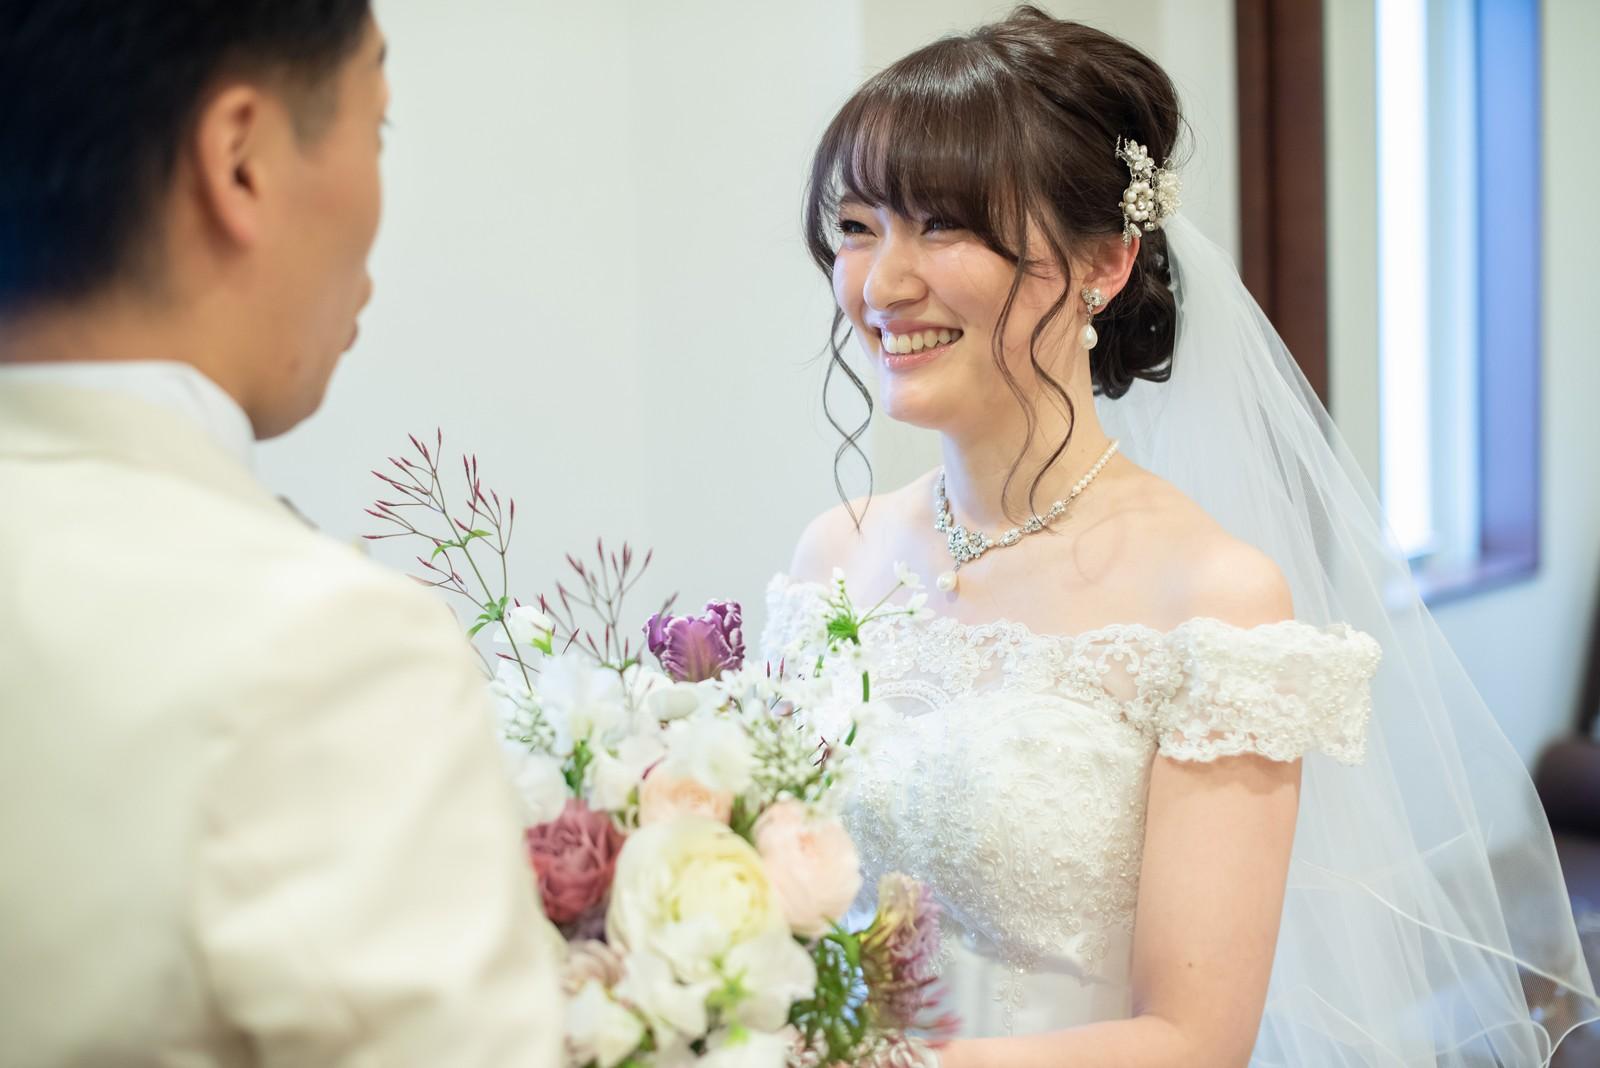 徳島市の結婚式場ブランアンジュの控室でほほ笑み合う新郎新婦